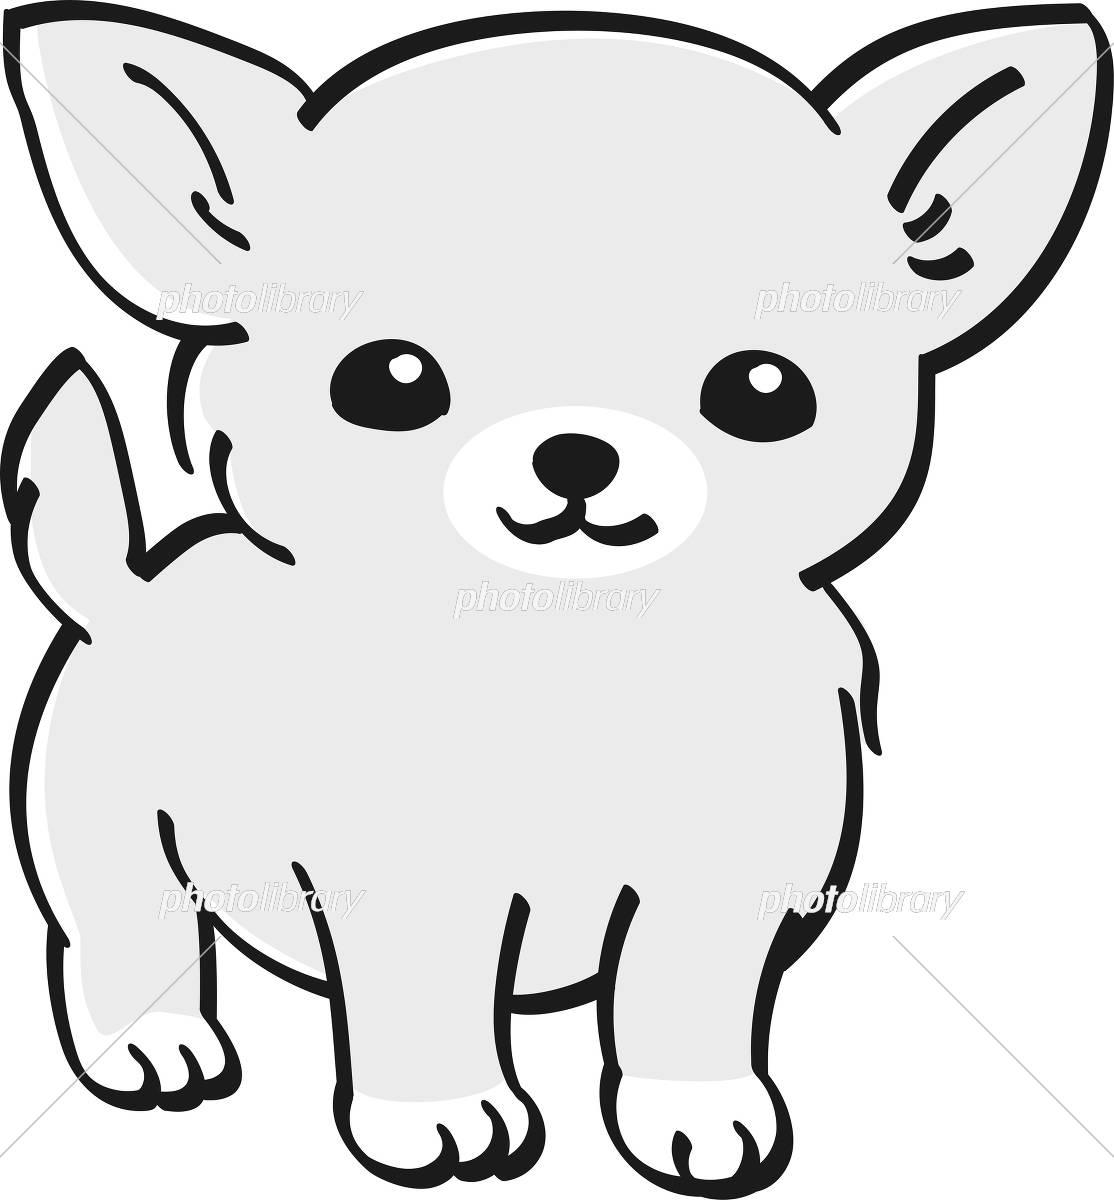 チワワ モノクロ かわいい 子犬 人気 犬 イラスト素材 フォトライブラリー Photolibrary